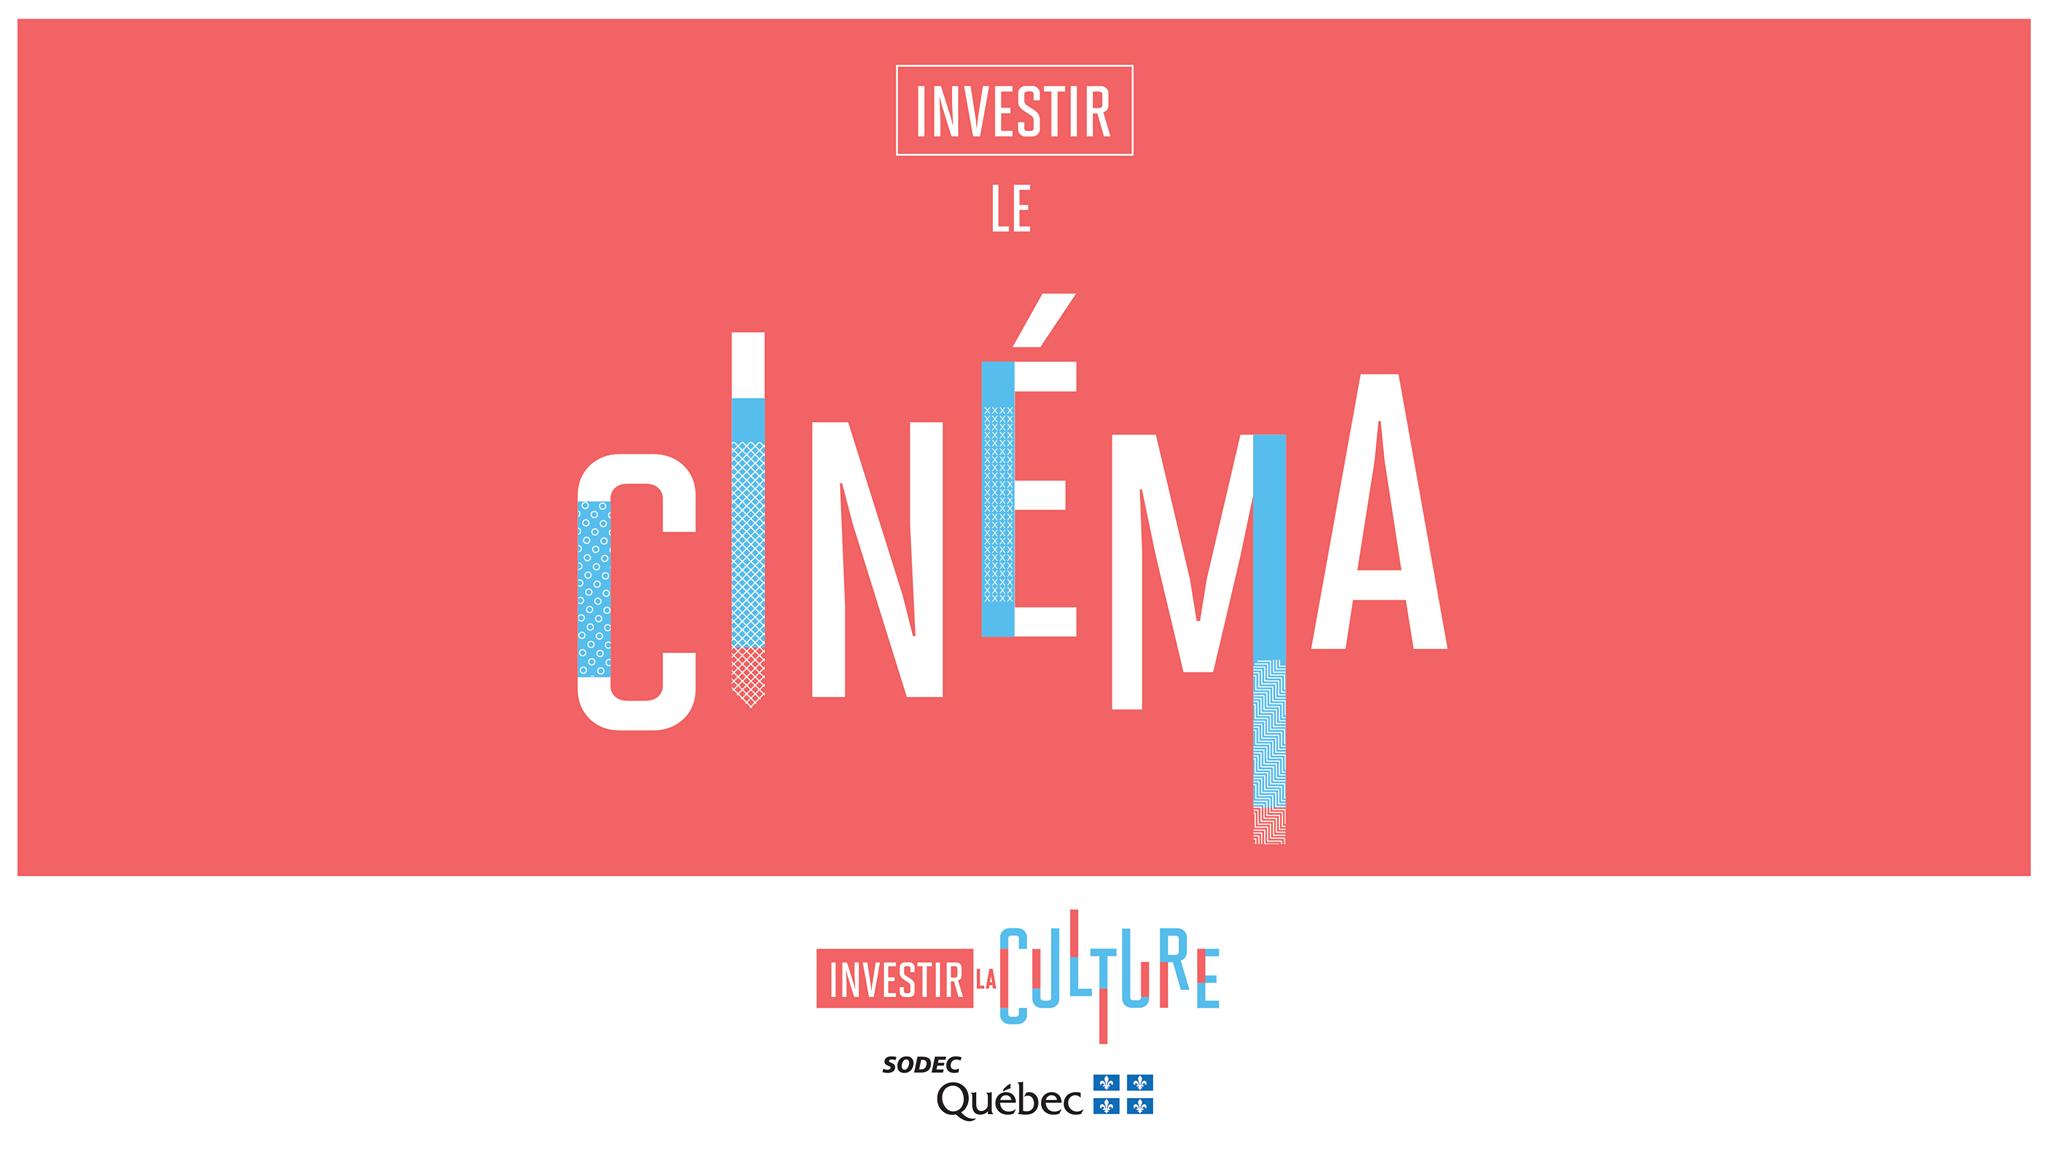 La SODEC soutiendra sept projets de courts métrages et deux projets numériques narratifs de format court